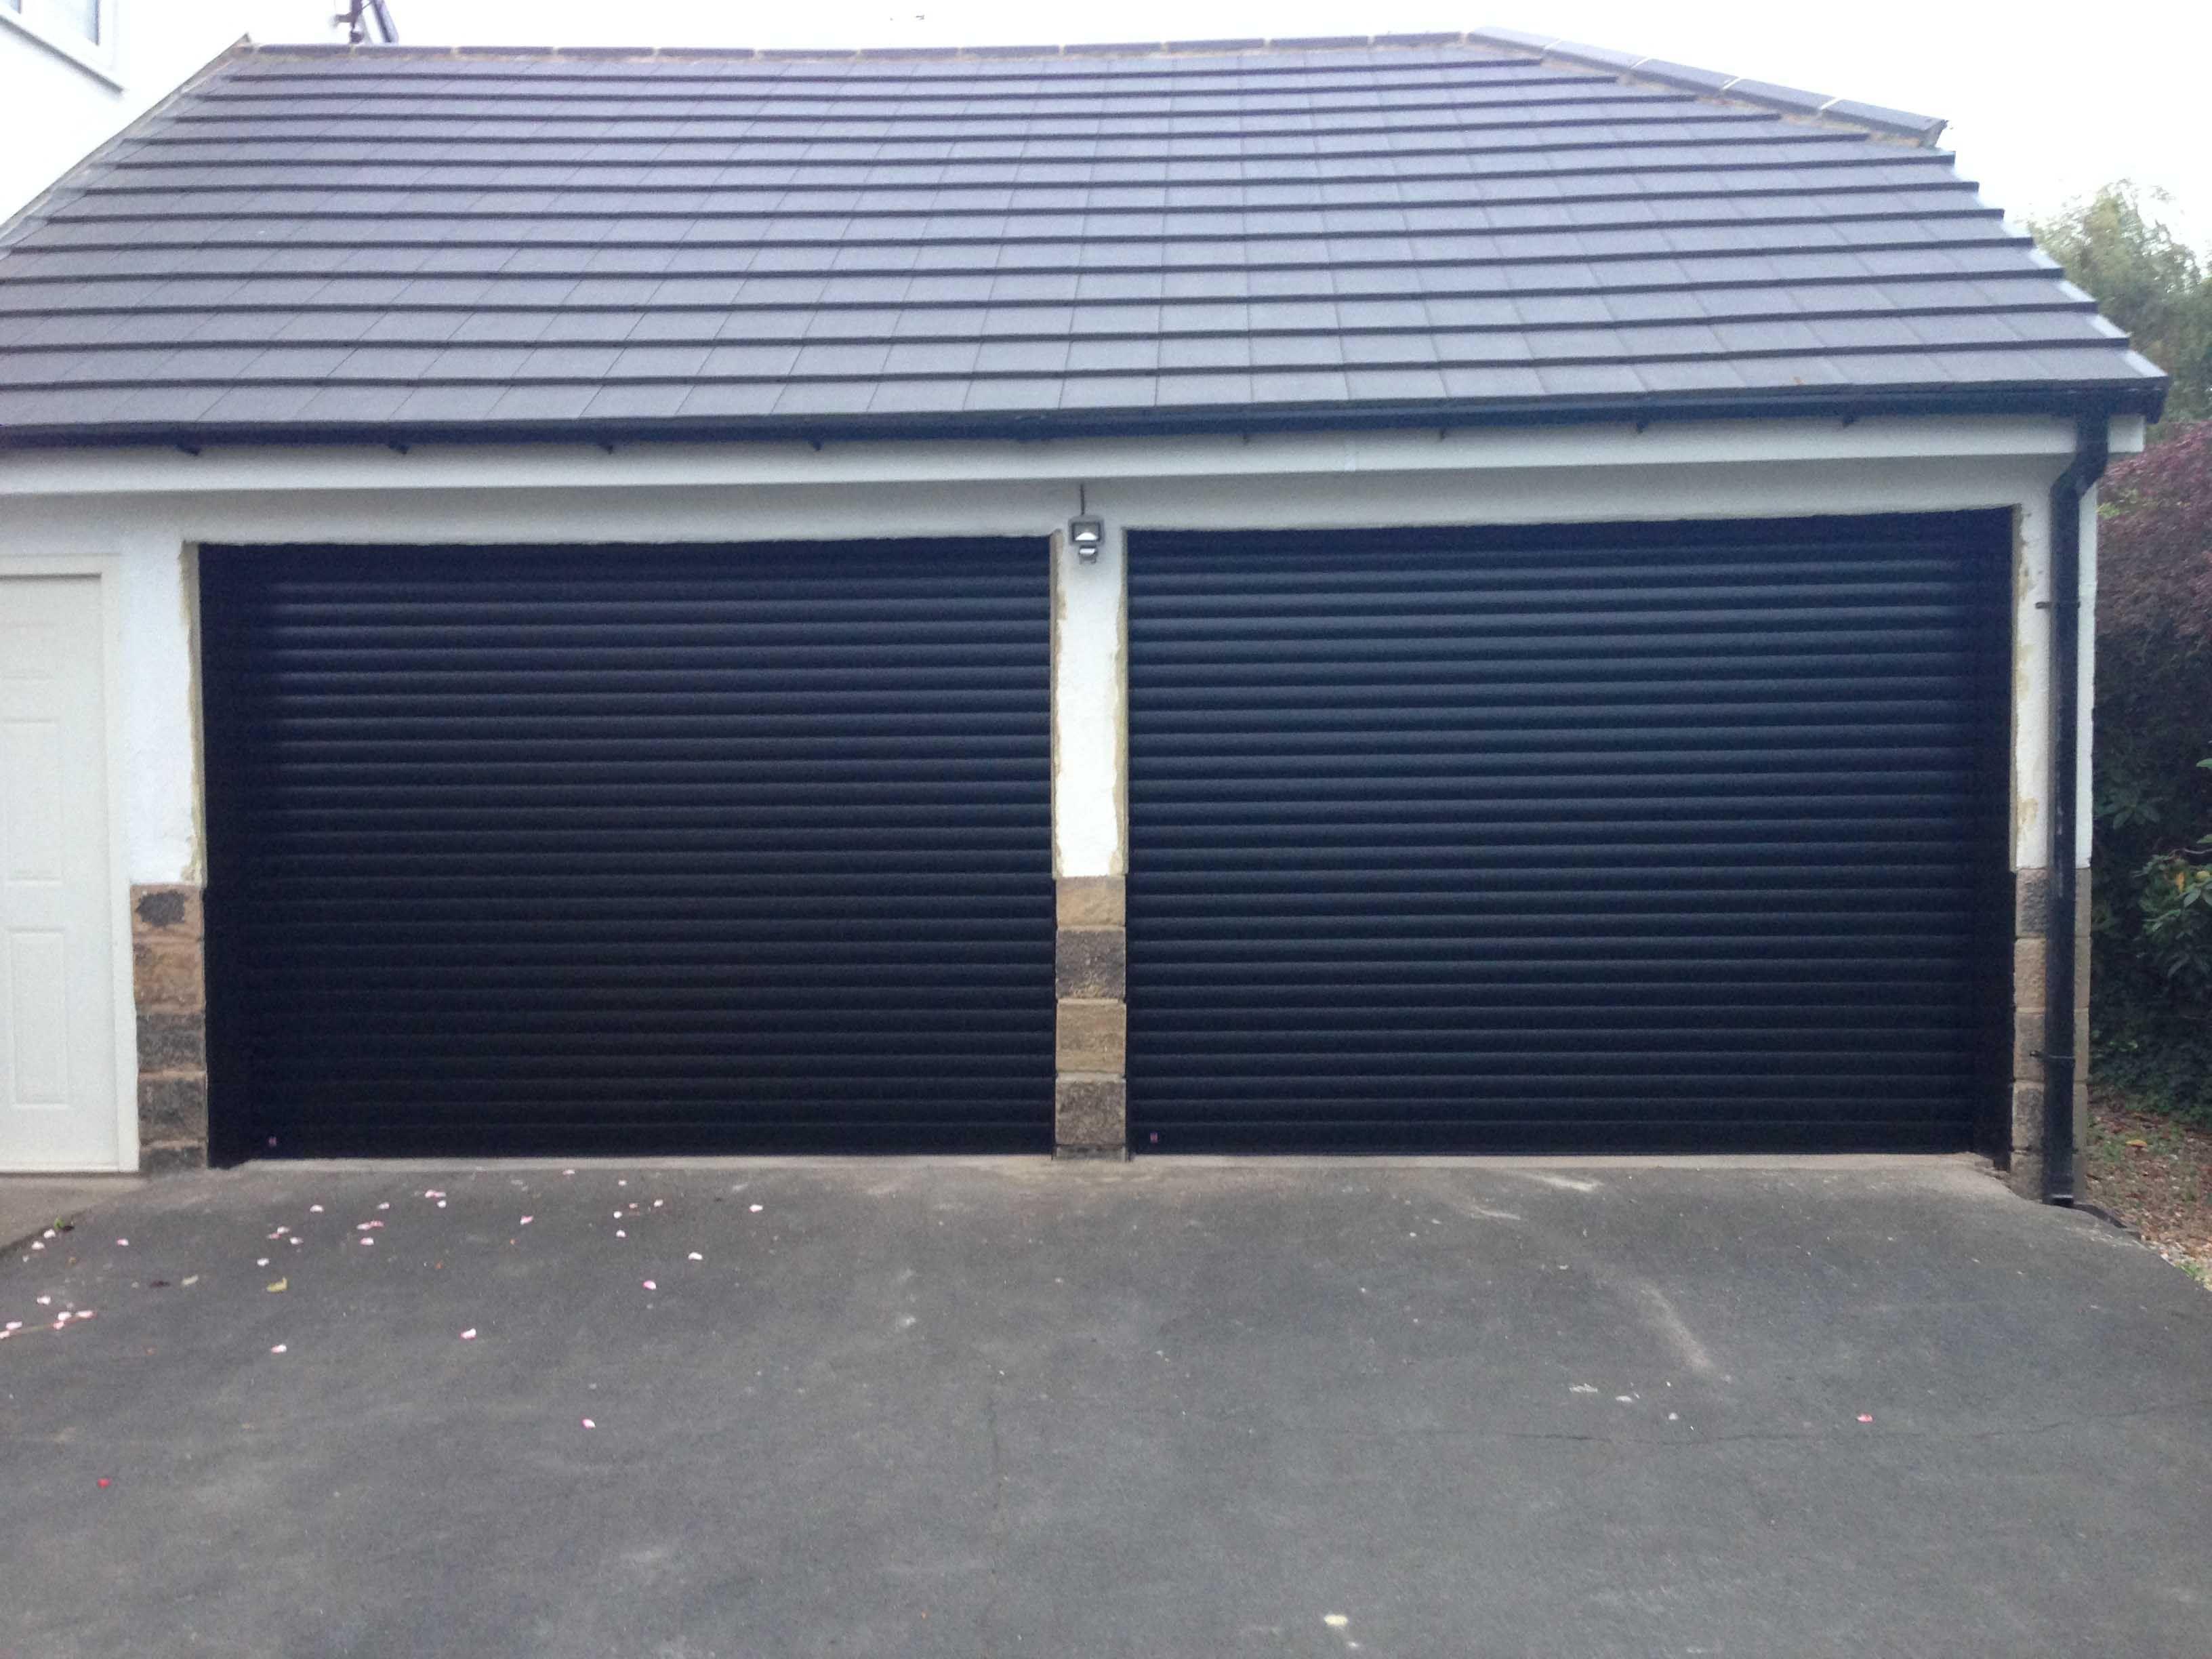 Roller Garage Doors Gallery Garage doors, Garage door